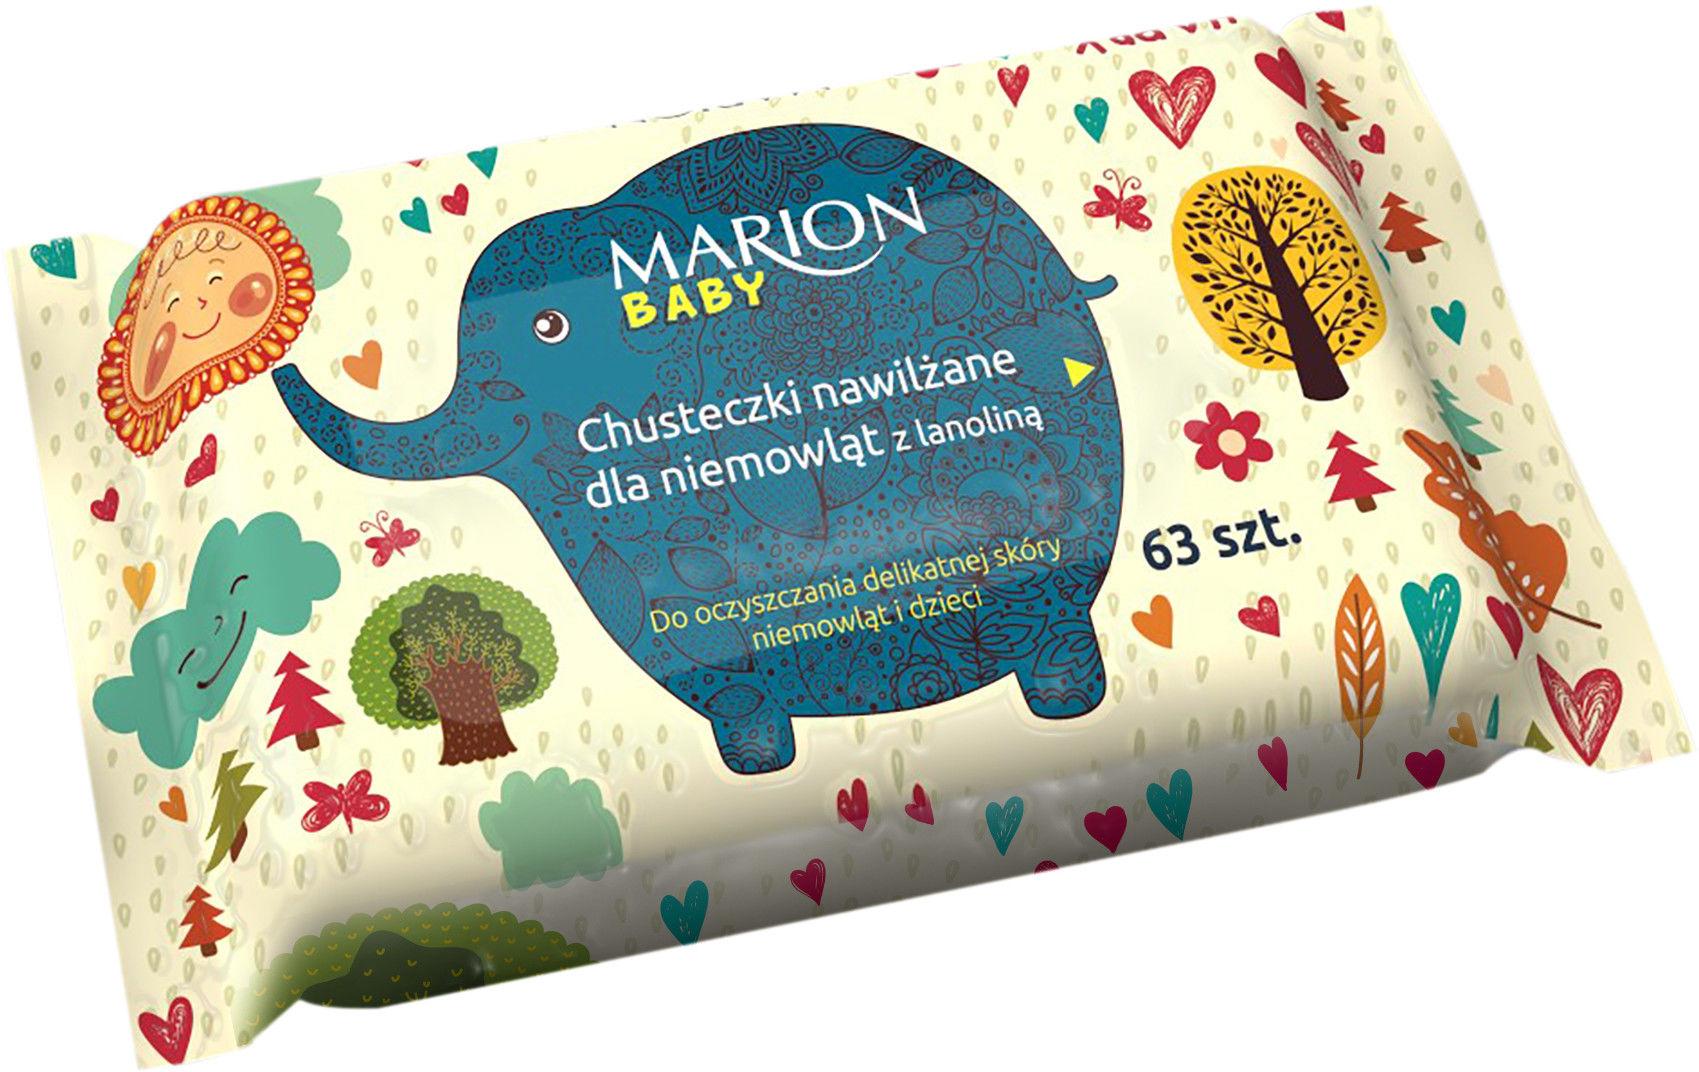 Marion Chusteczki nawilżane dla niemowląt z lanoliną 63szt